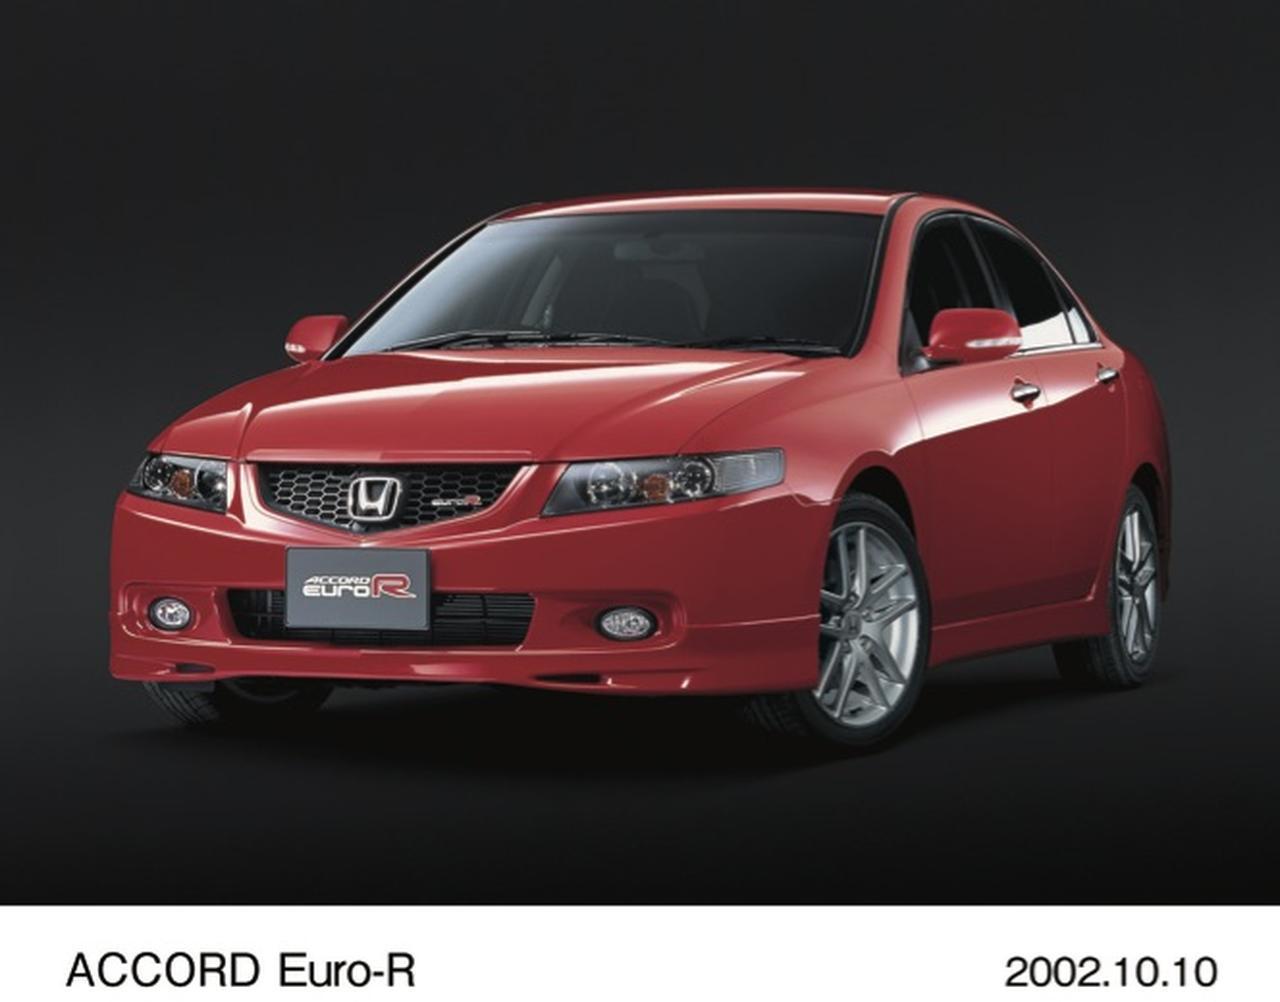 画像: 地味だったけどタイプR並みだった…「アコードユーロR」!【ホンダ偏愛主義vol.26】 - A Little Honda